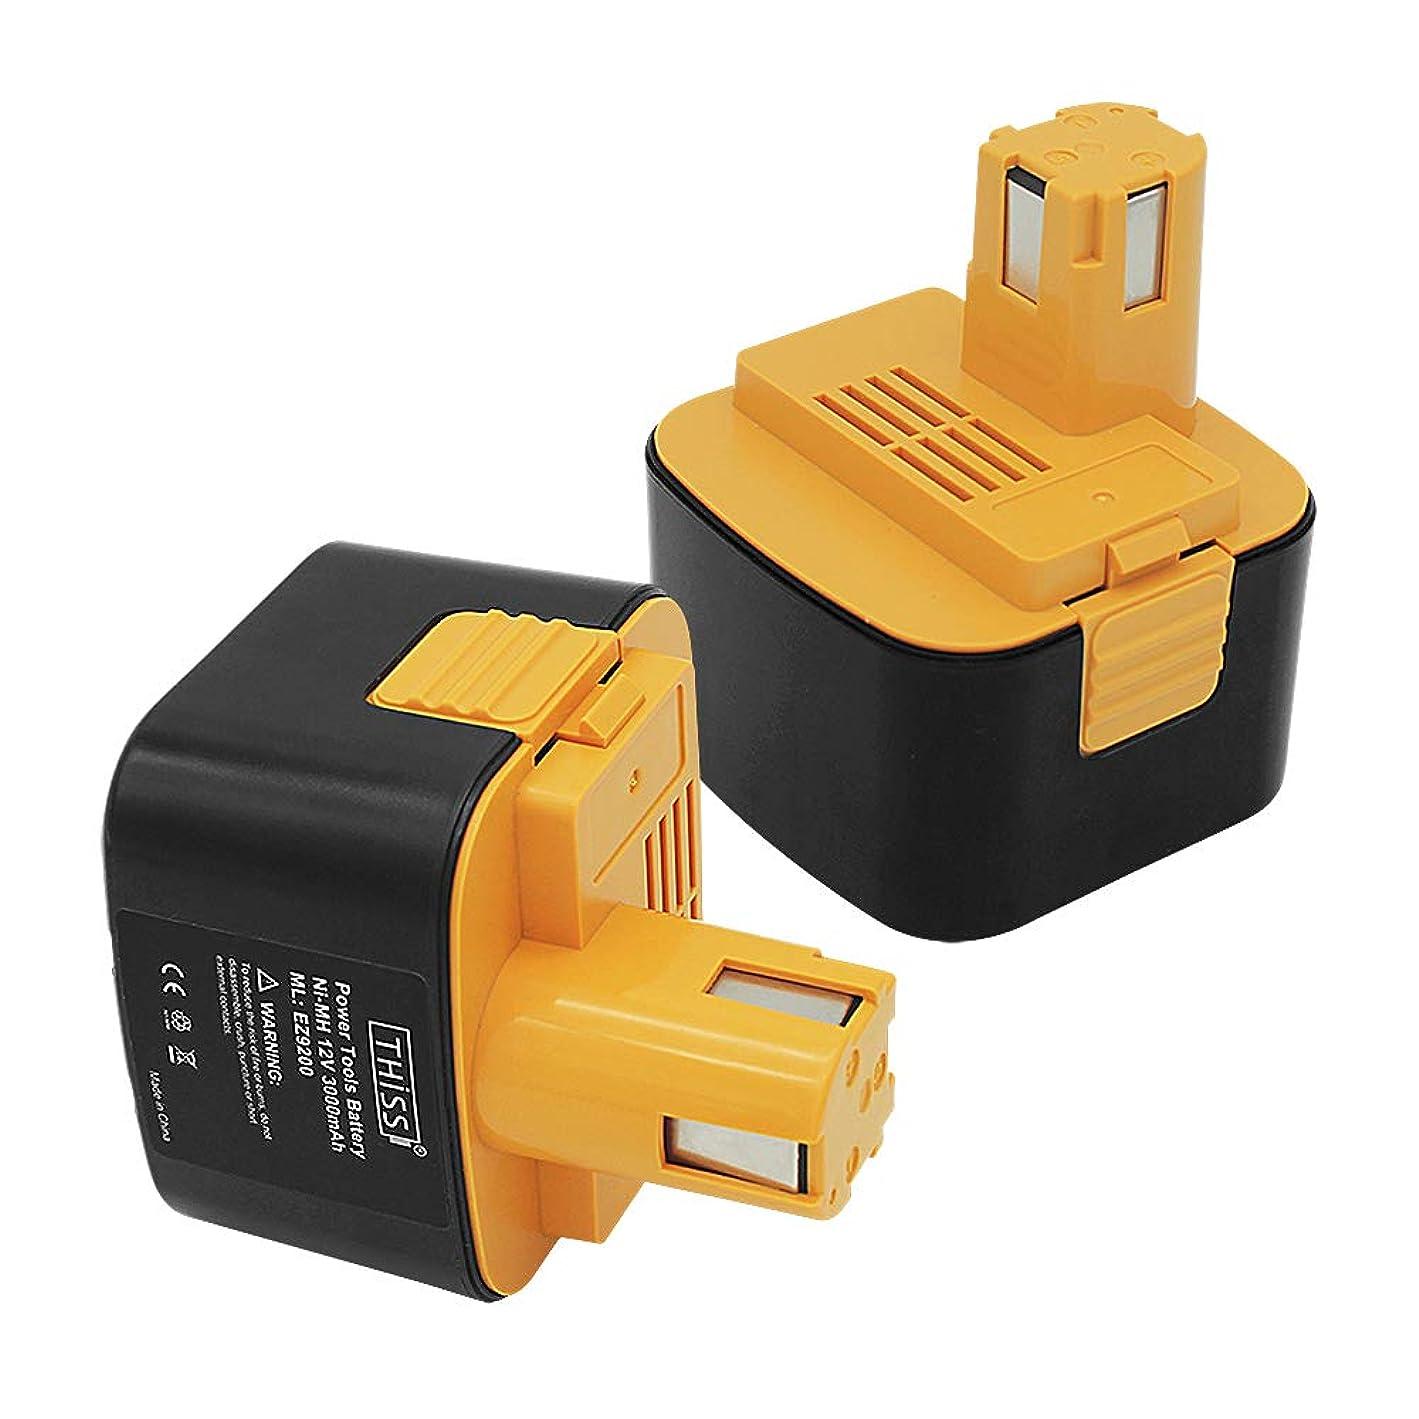 作る腹痛懺悔【THiSS】パナソニックEZ9200 12V バッテリー 2個セット EZT901 互換バッテリー3.0Ah EY9001 EY9201 ニッケル水素 一年間保証付き